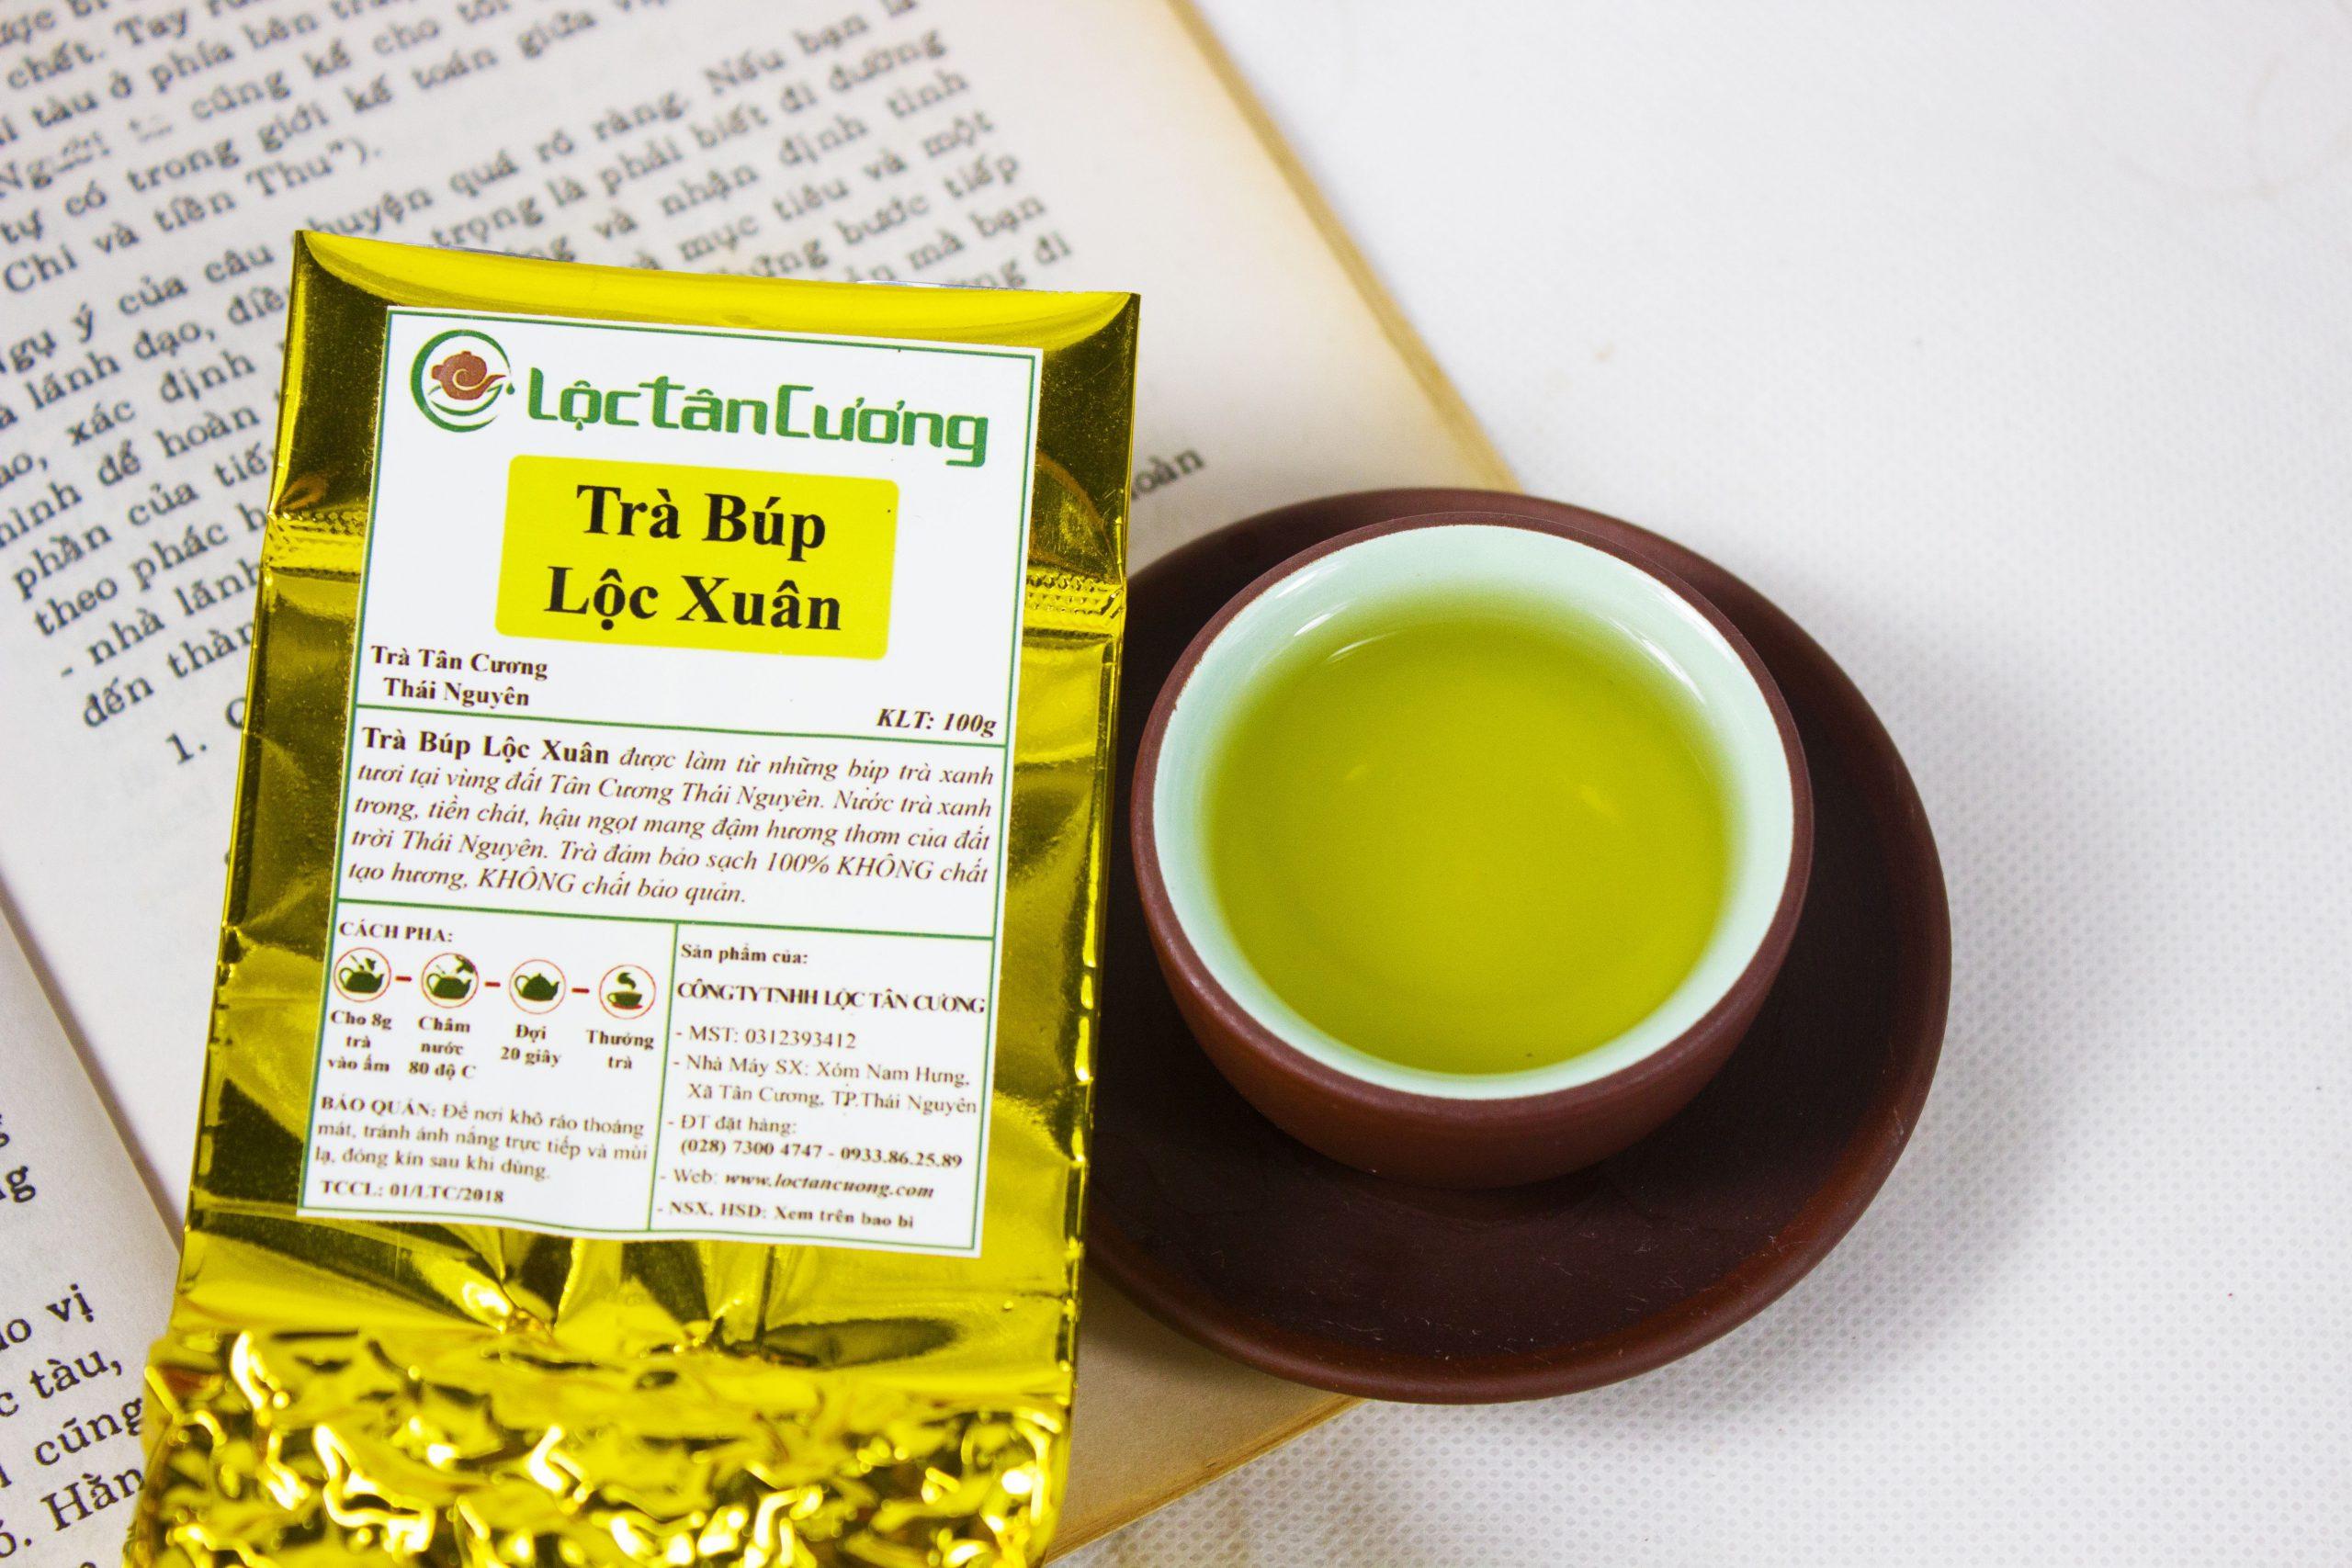 Bao bì sản phẩm trà búp Thái Nguyên Lộc Tân Cương có nhãn mác, thông tin sản phẩm và cty rõ ràng